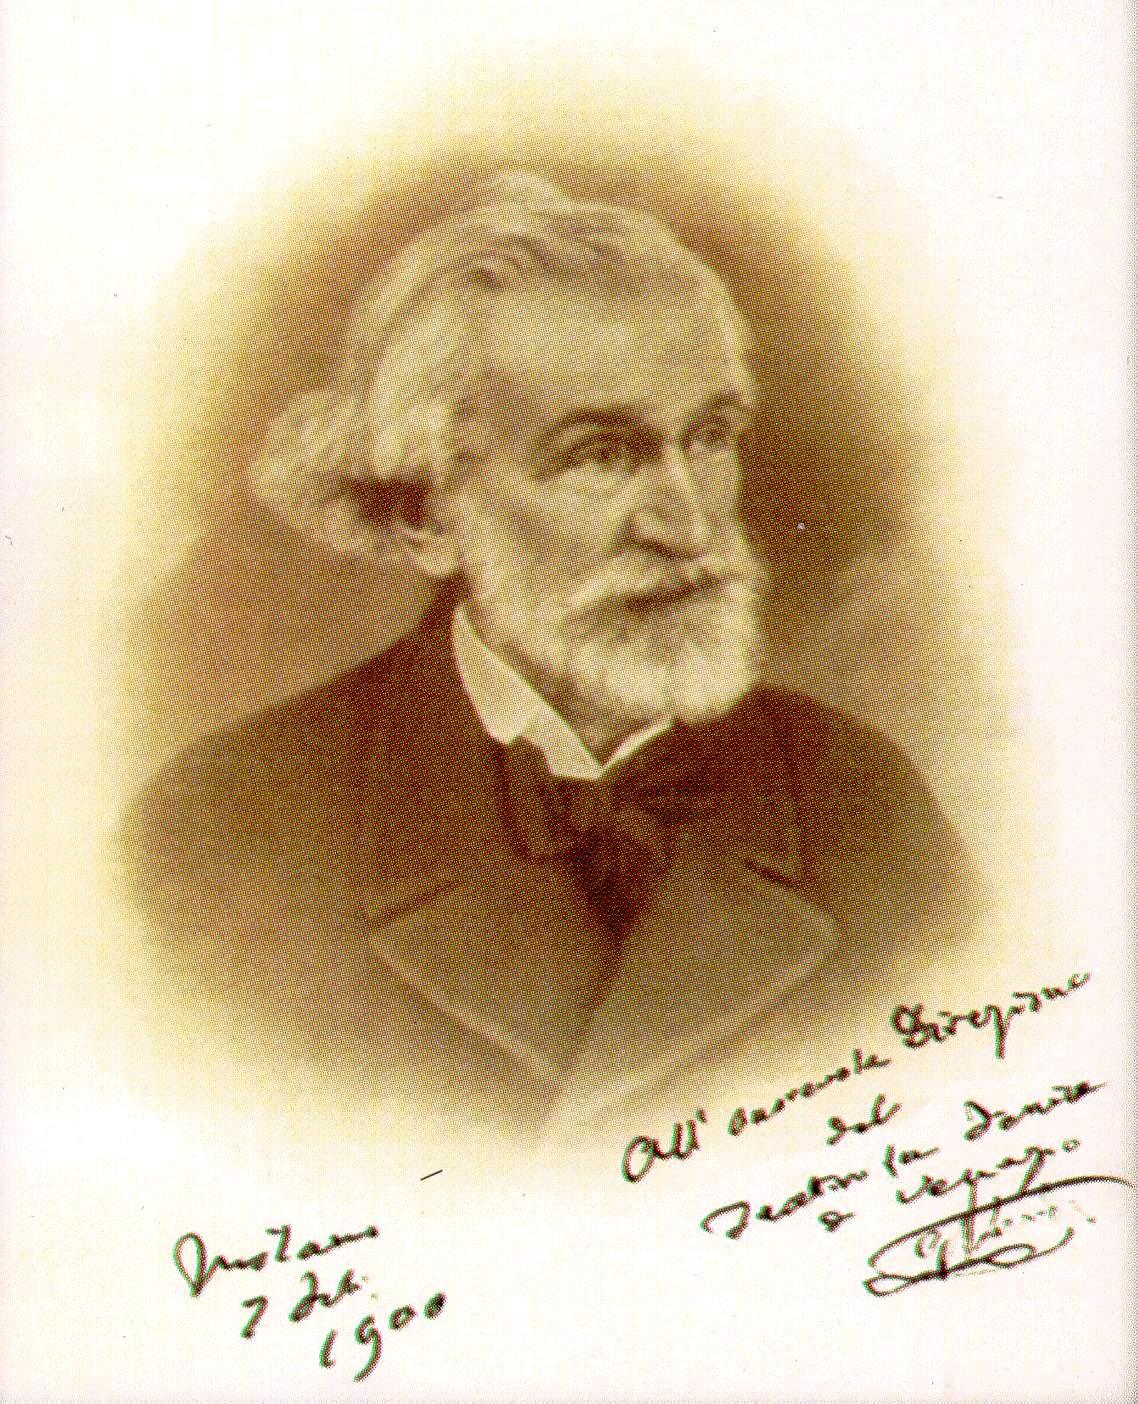 Giuseppe Verdi - Angelo Questa - Rigoletto